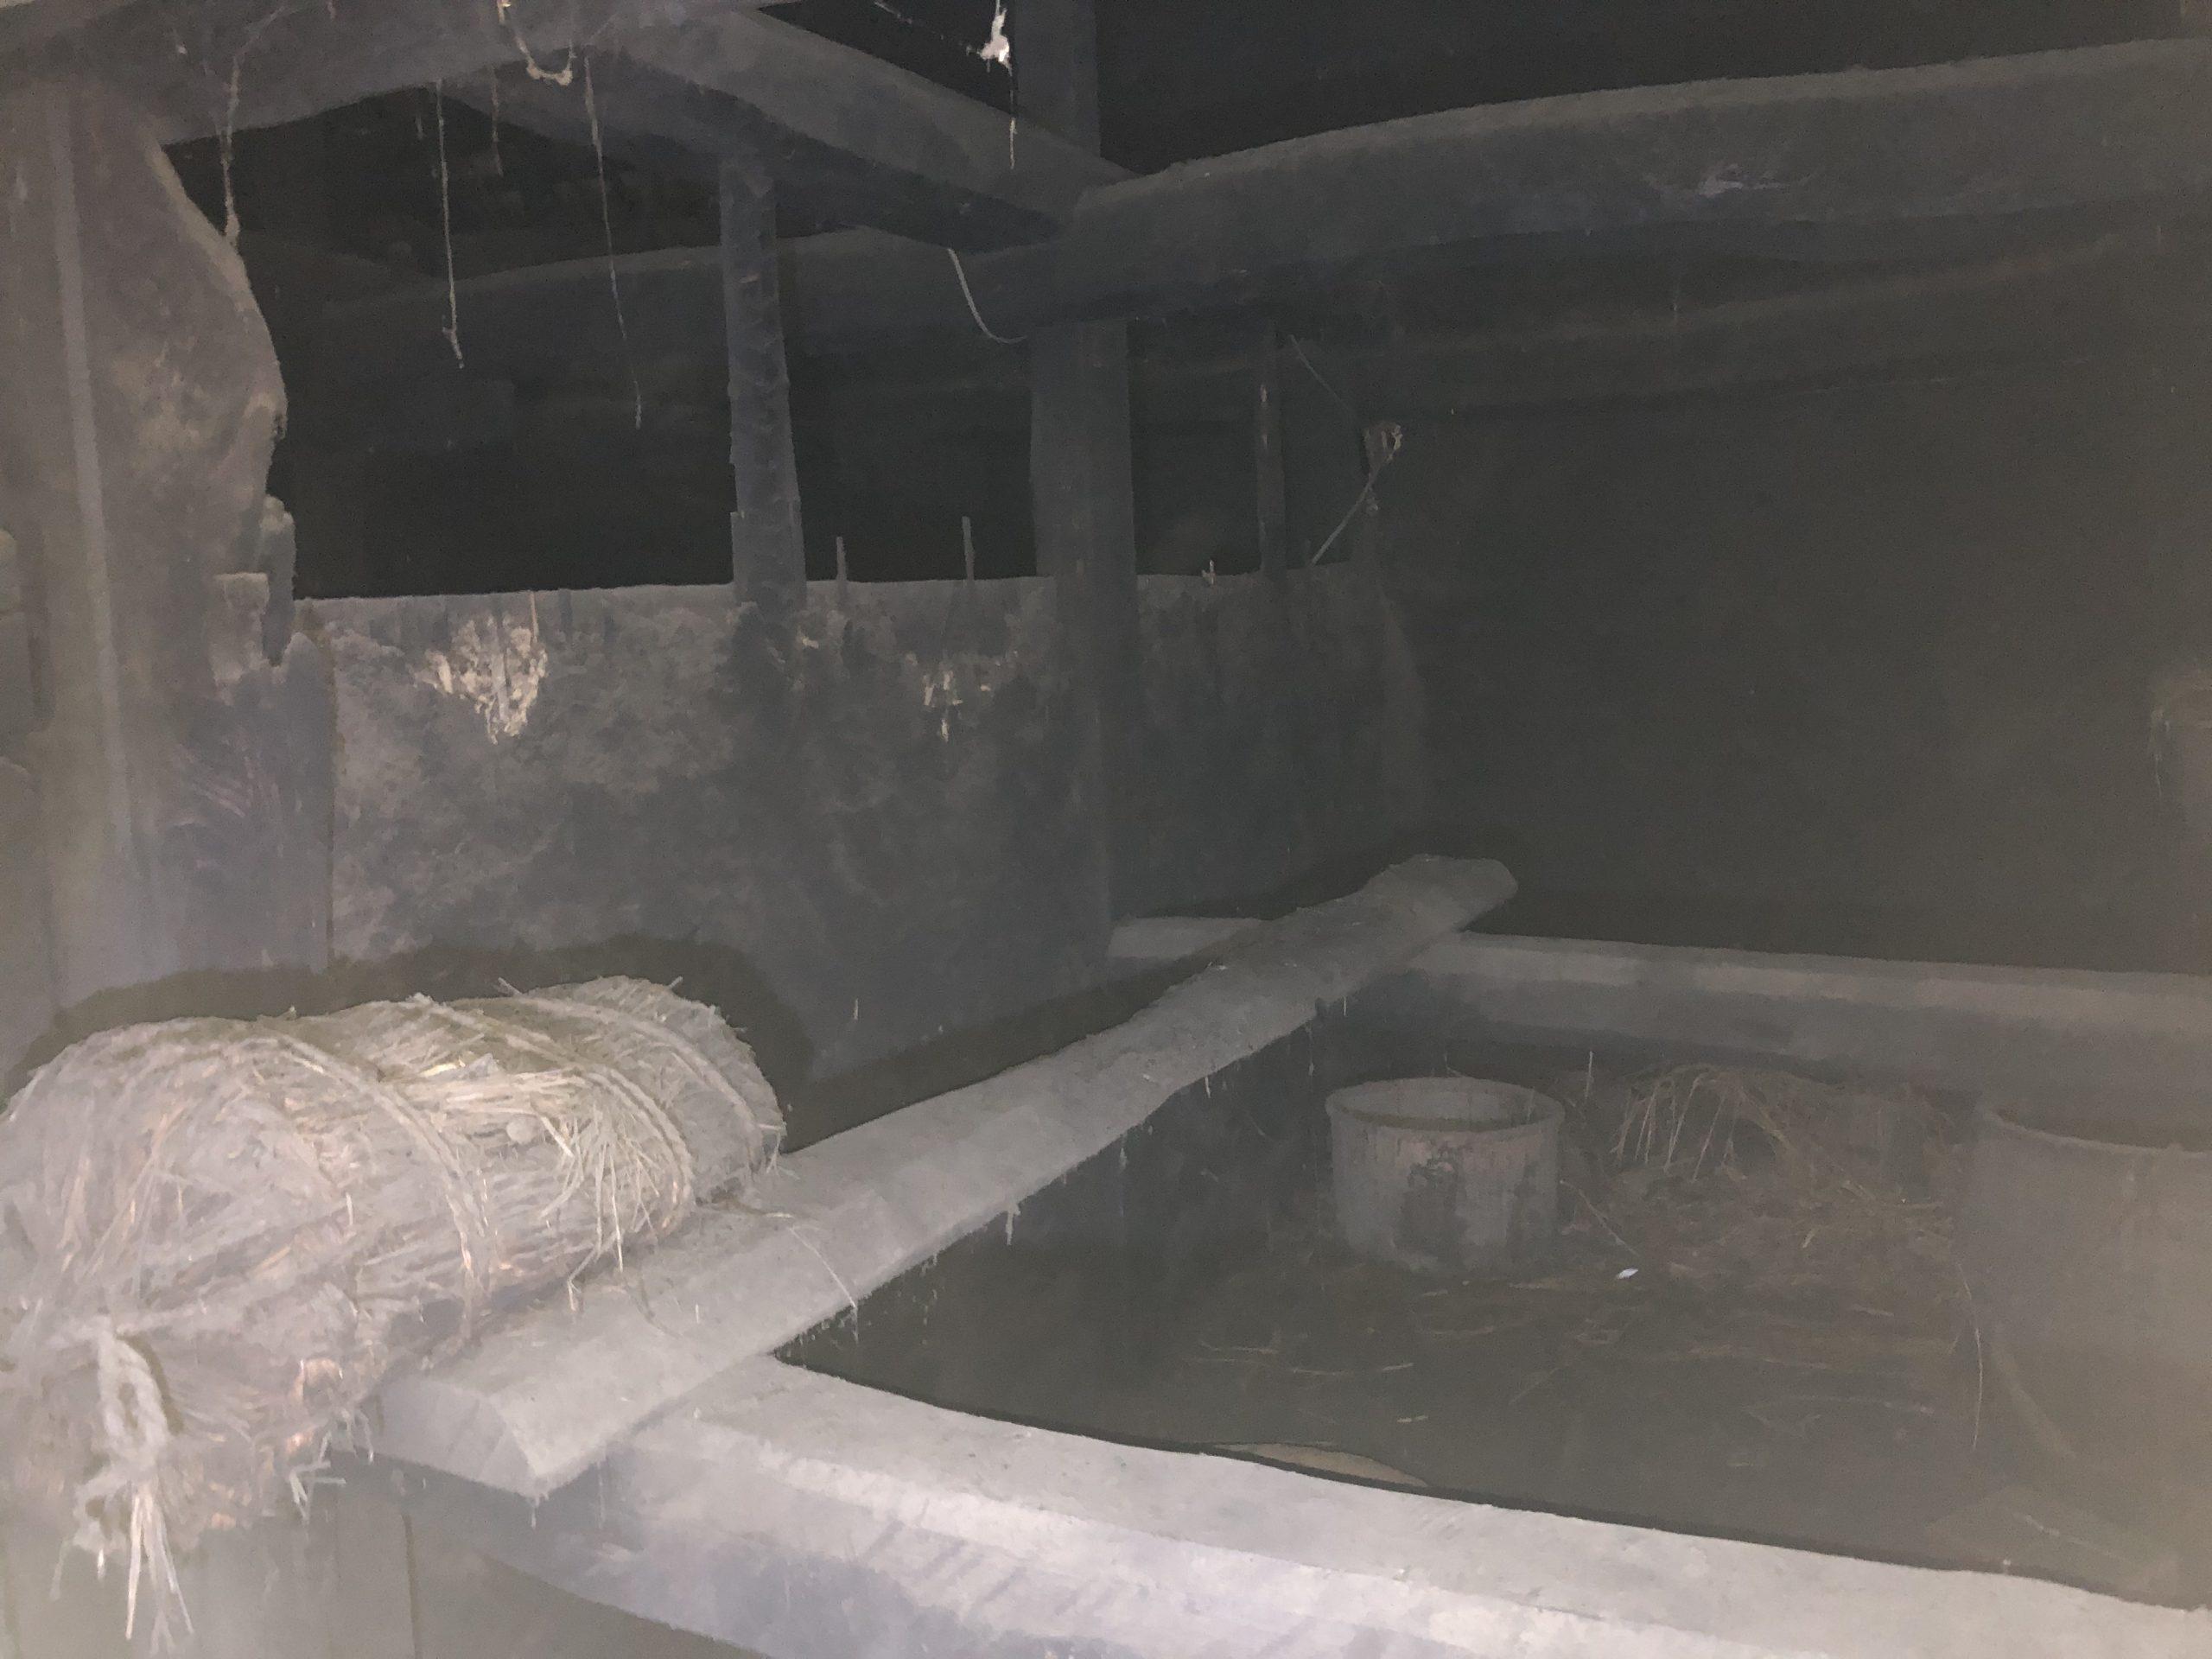 千葉県柏市のk様のハクビシン駆除:施工後